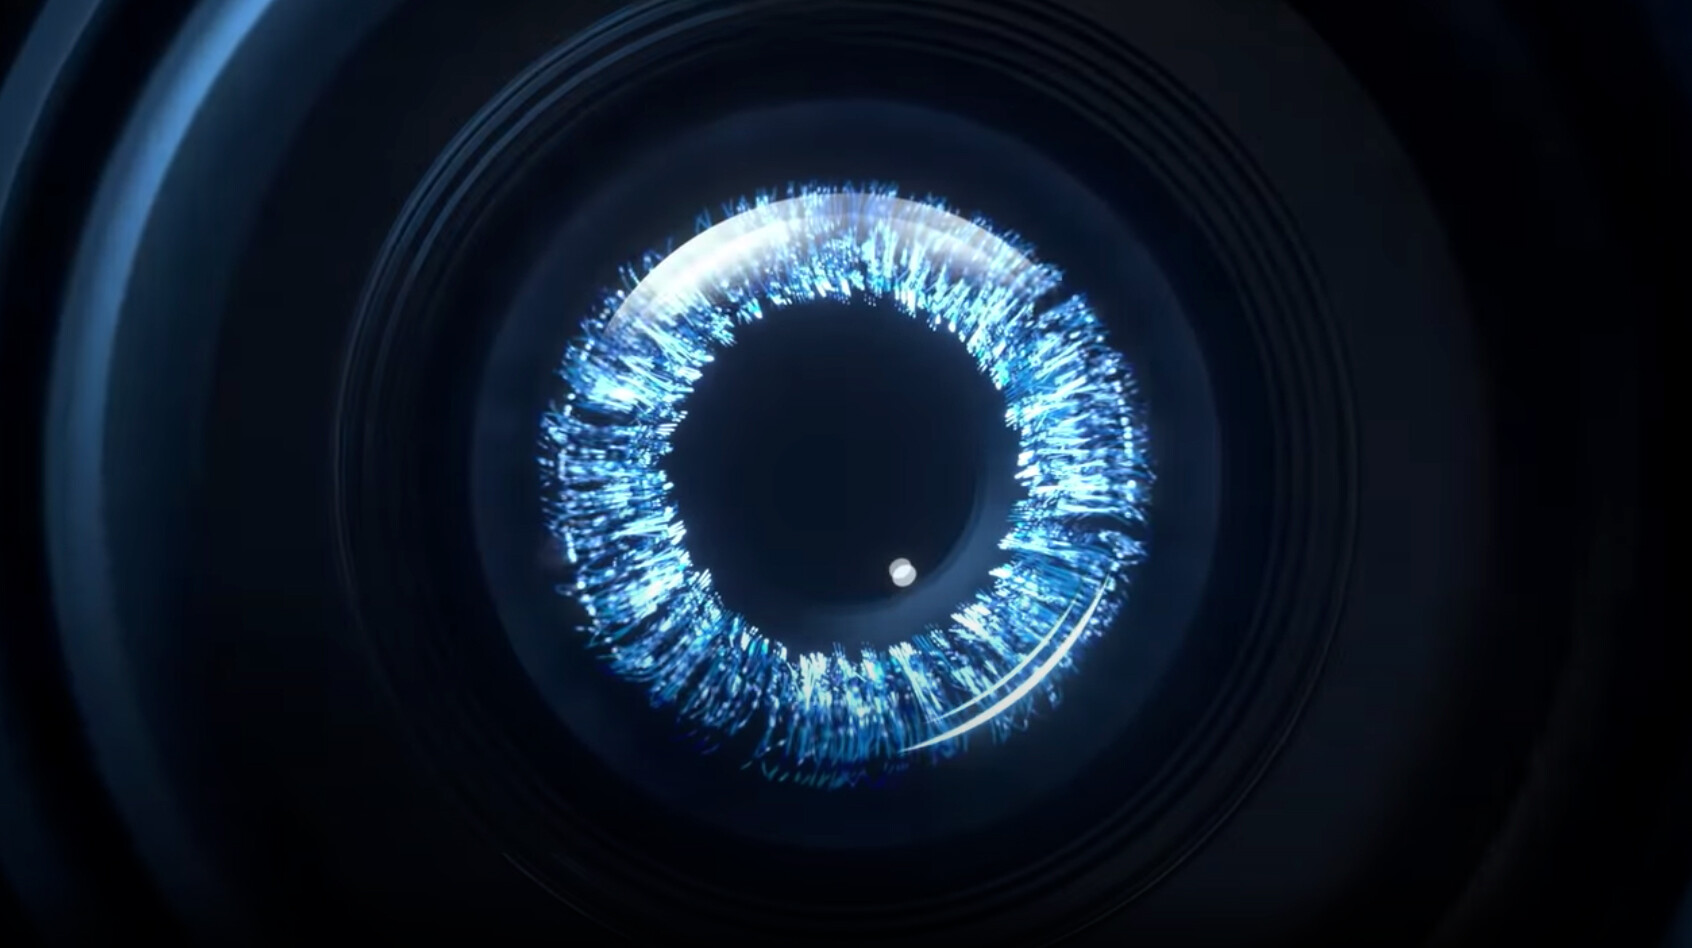 emberi látás pixelek